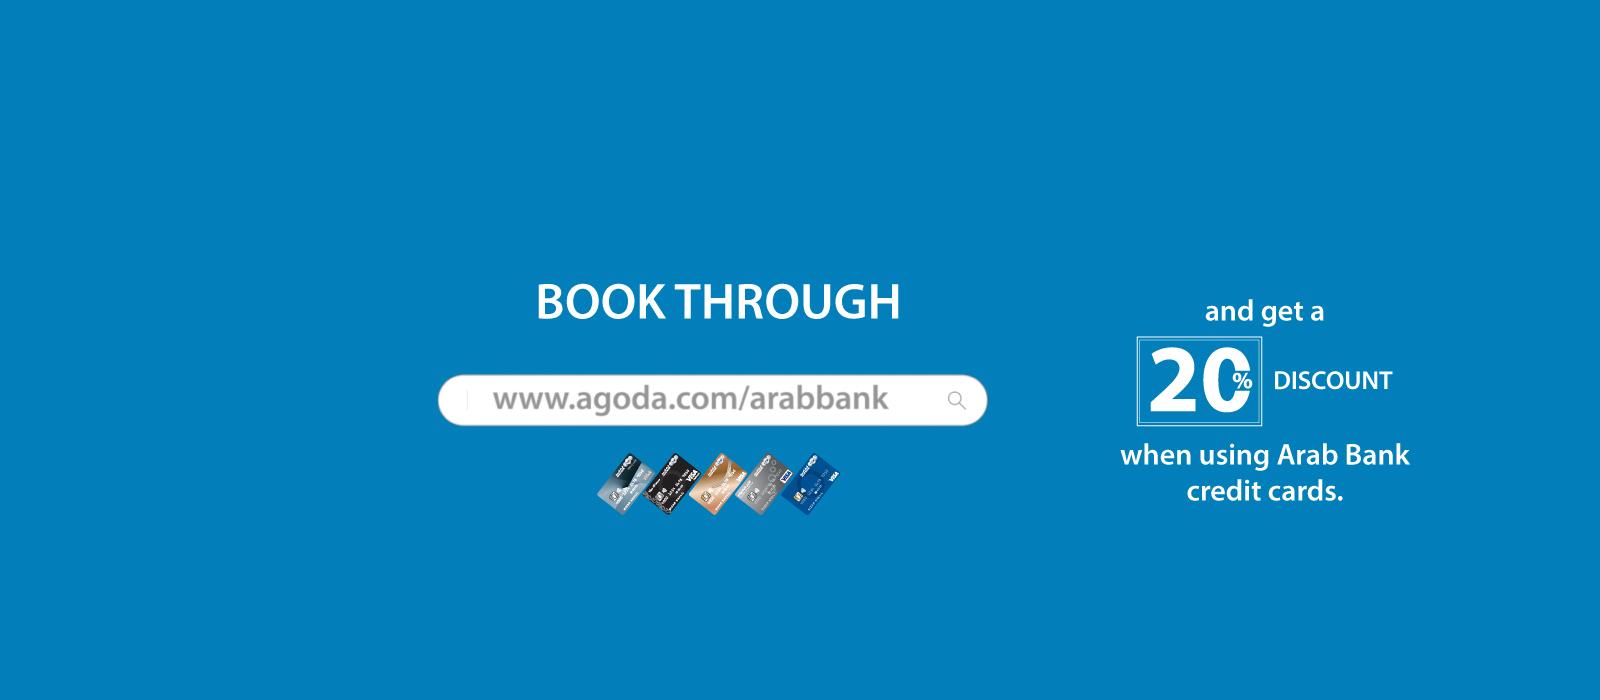 Agoda.com--Website-banners-UAE-ENG